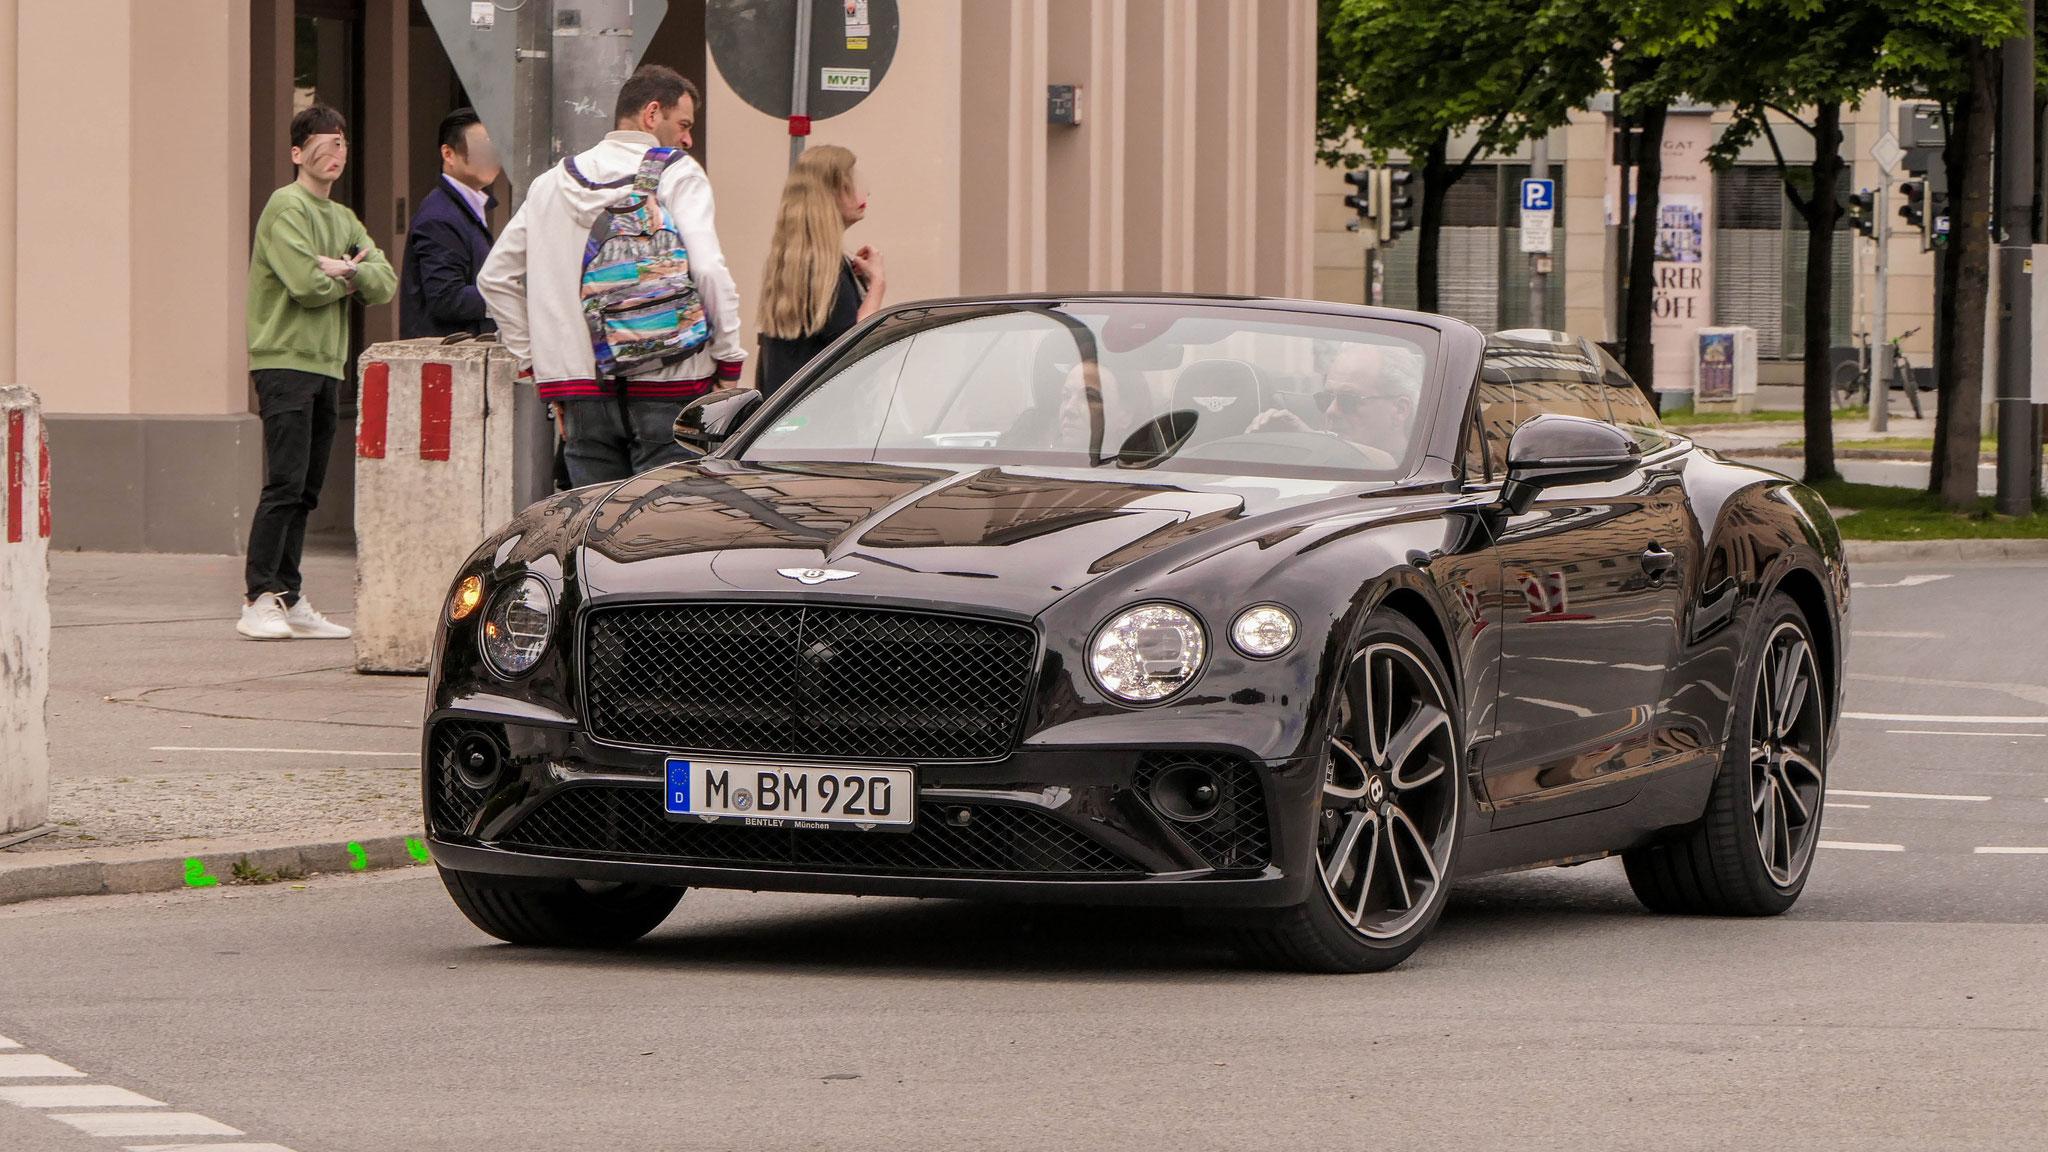 Bentley Continental GTC - M-BM-920